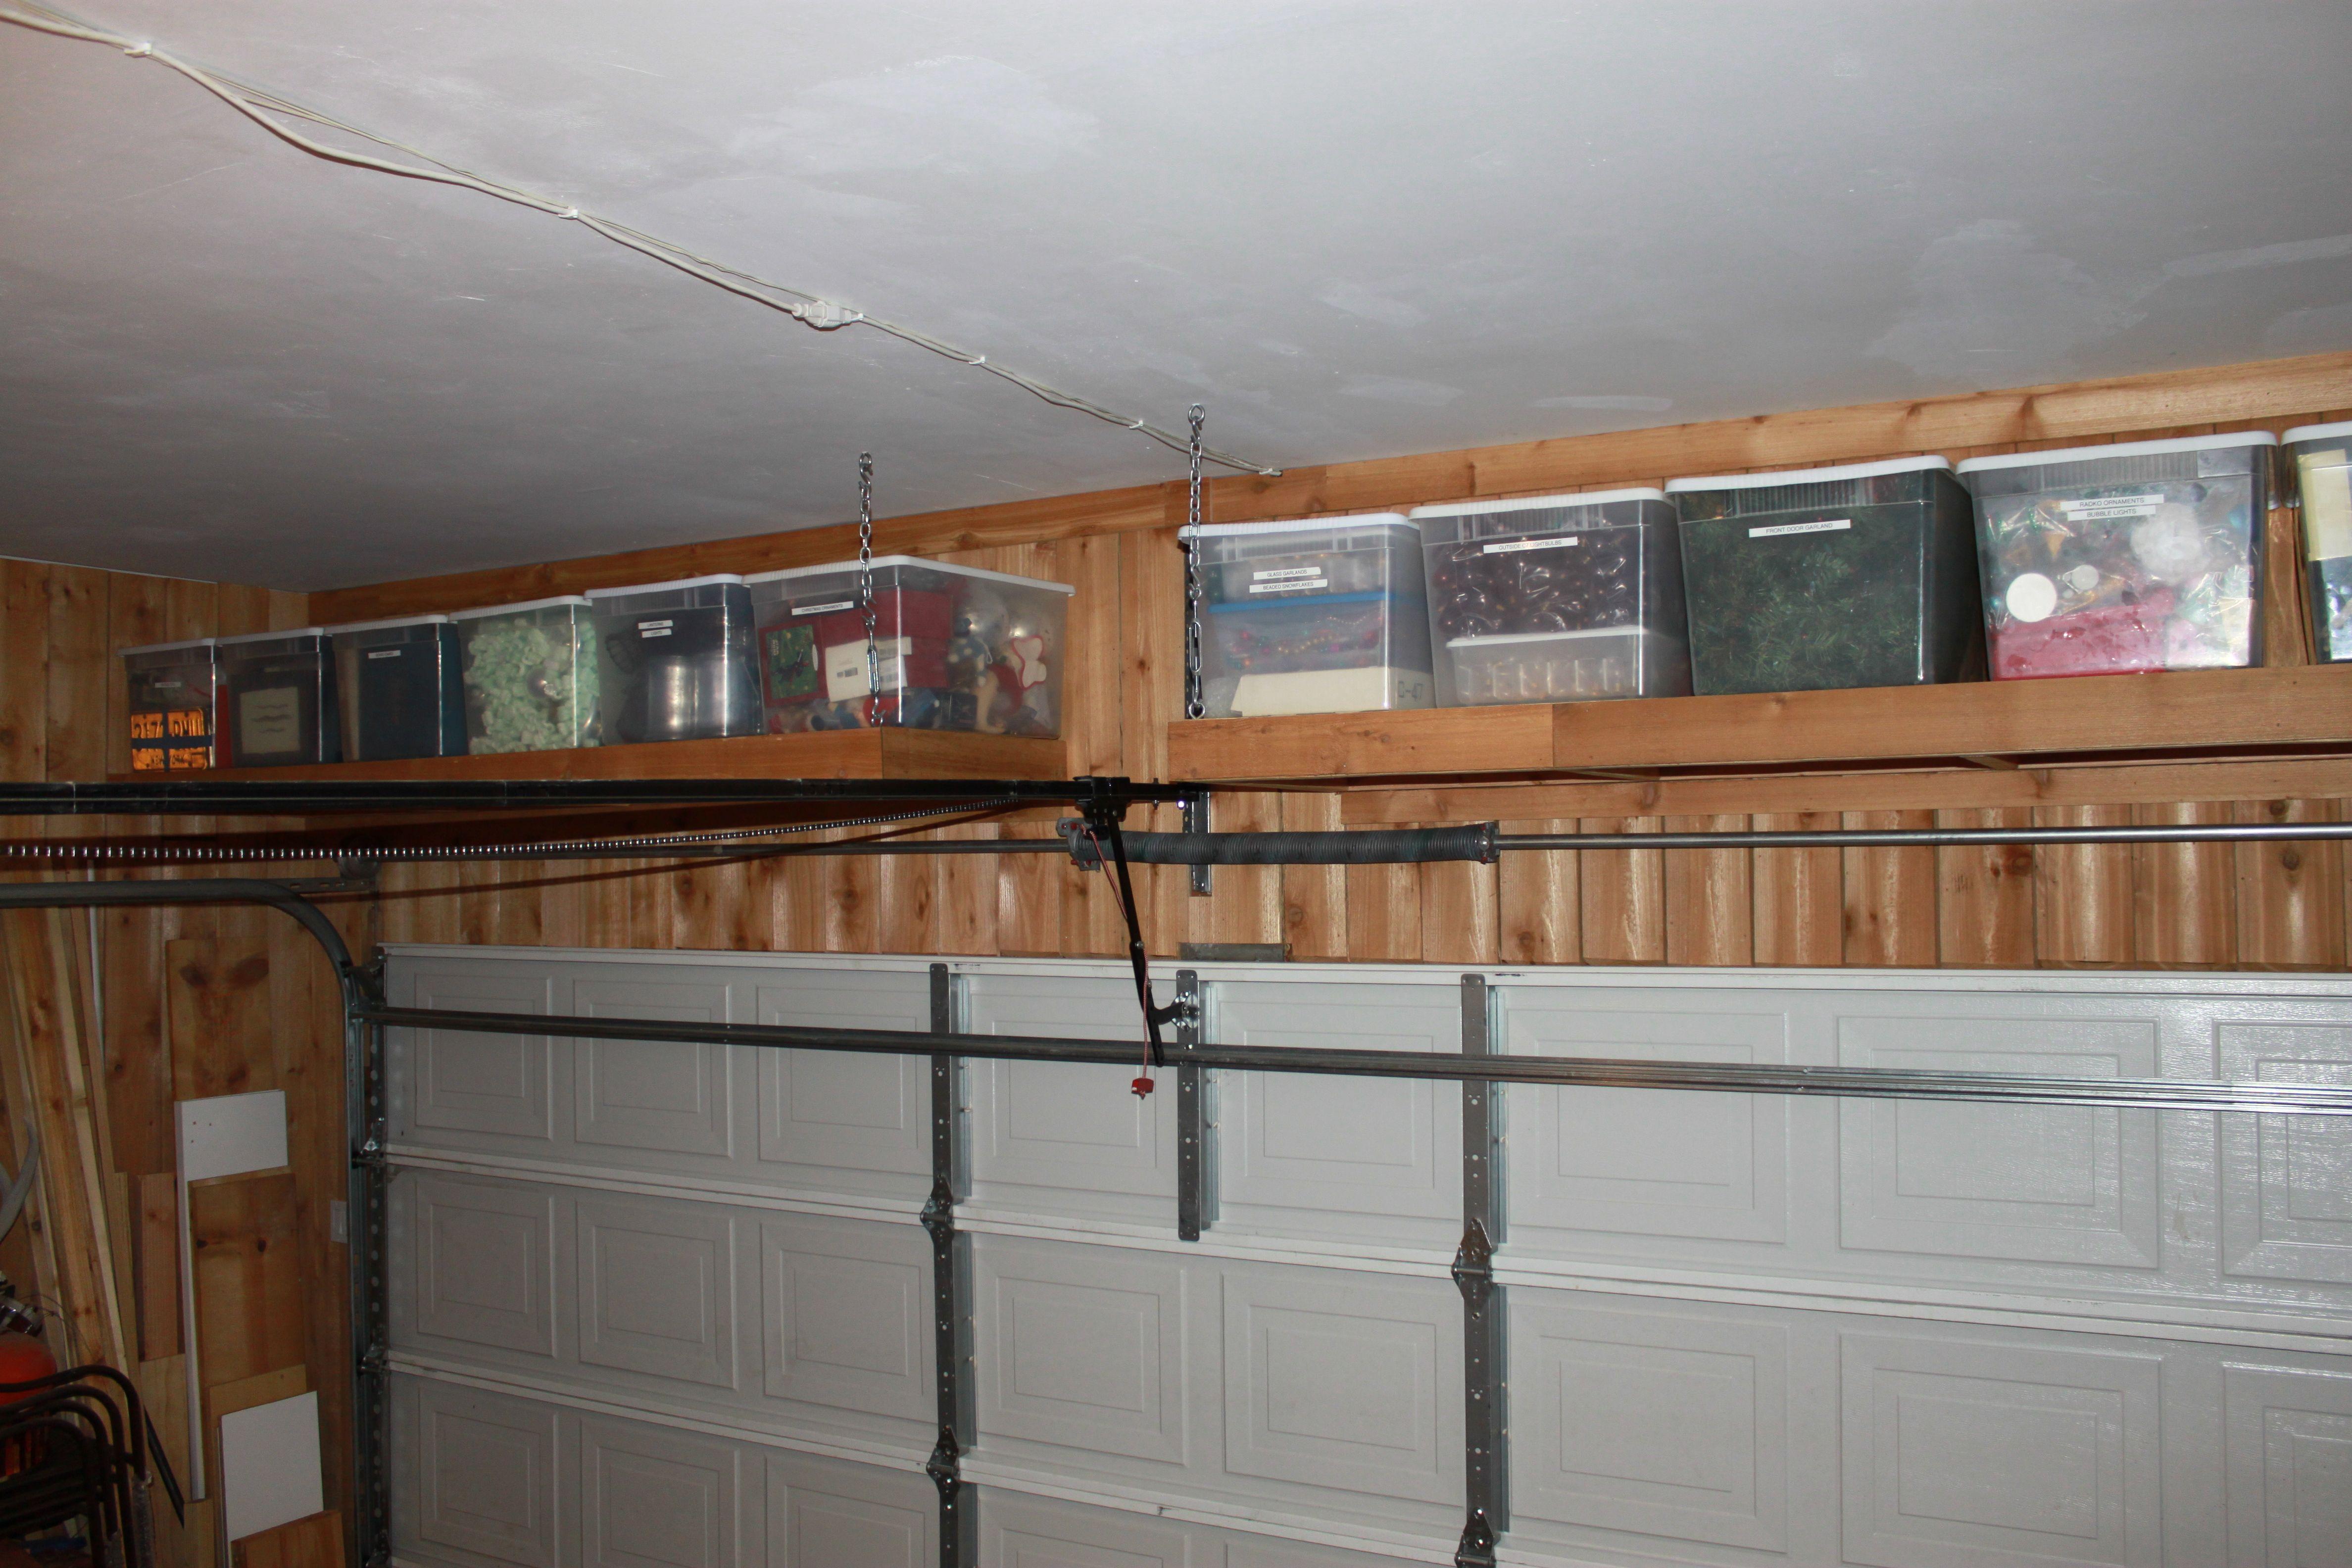 Shelves Over the Garage Door Garage wall shelving, Diy